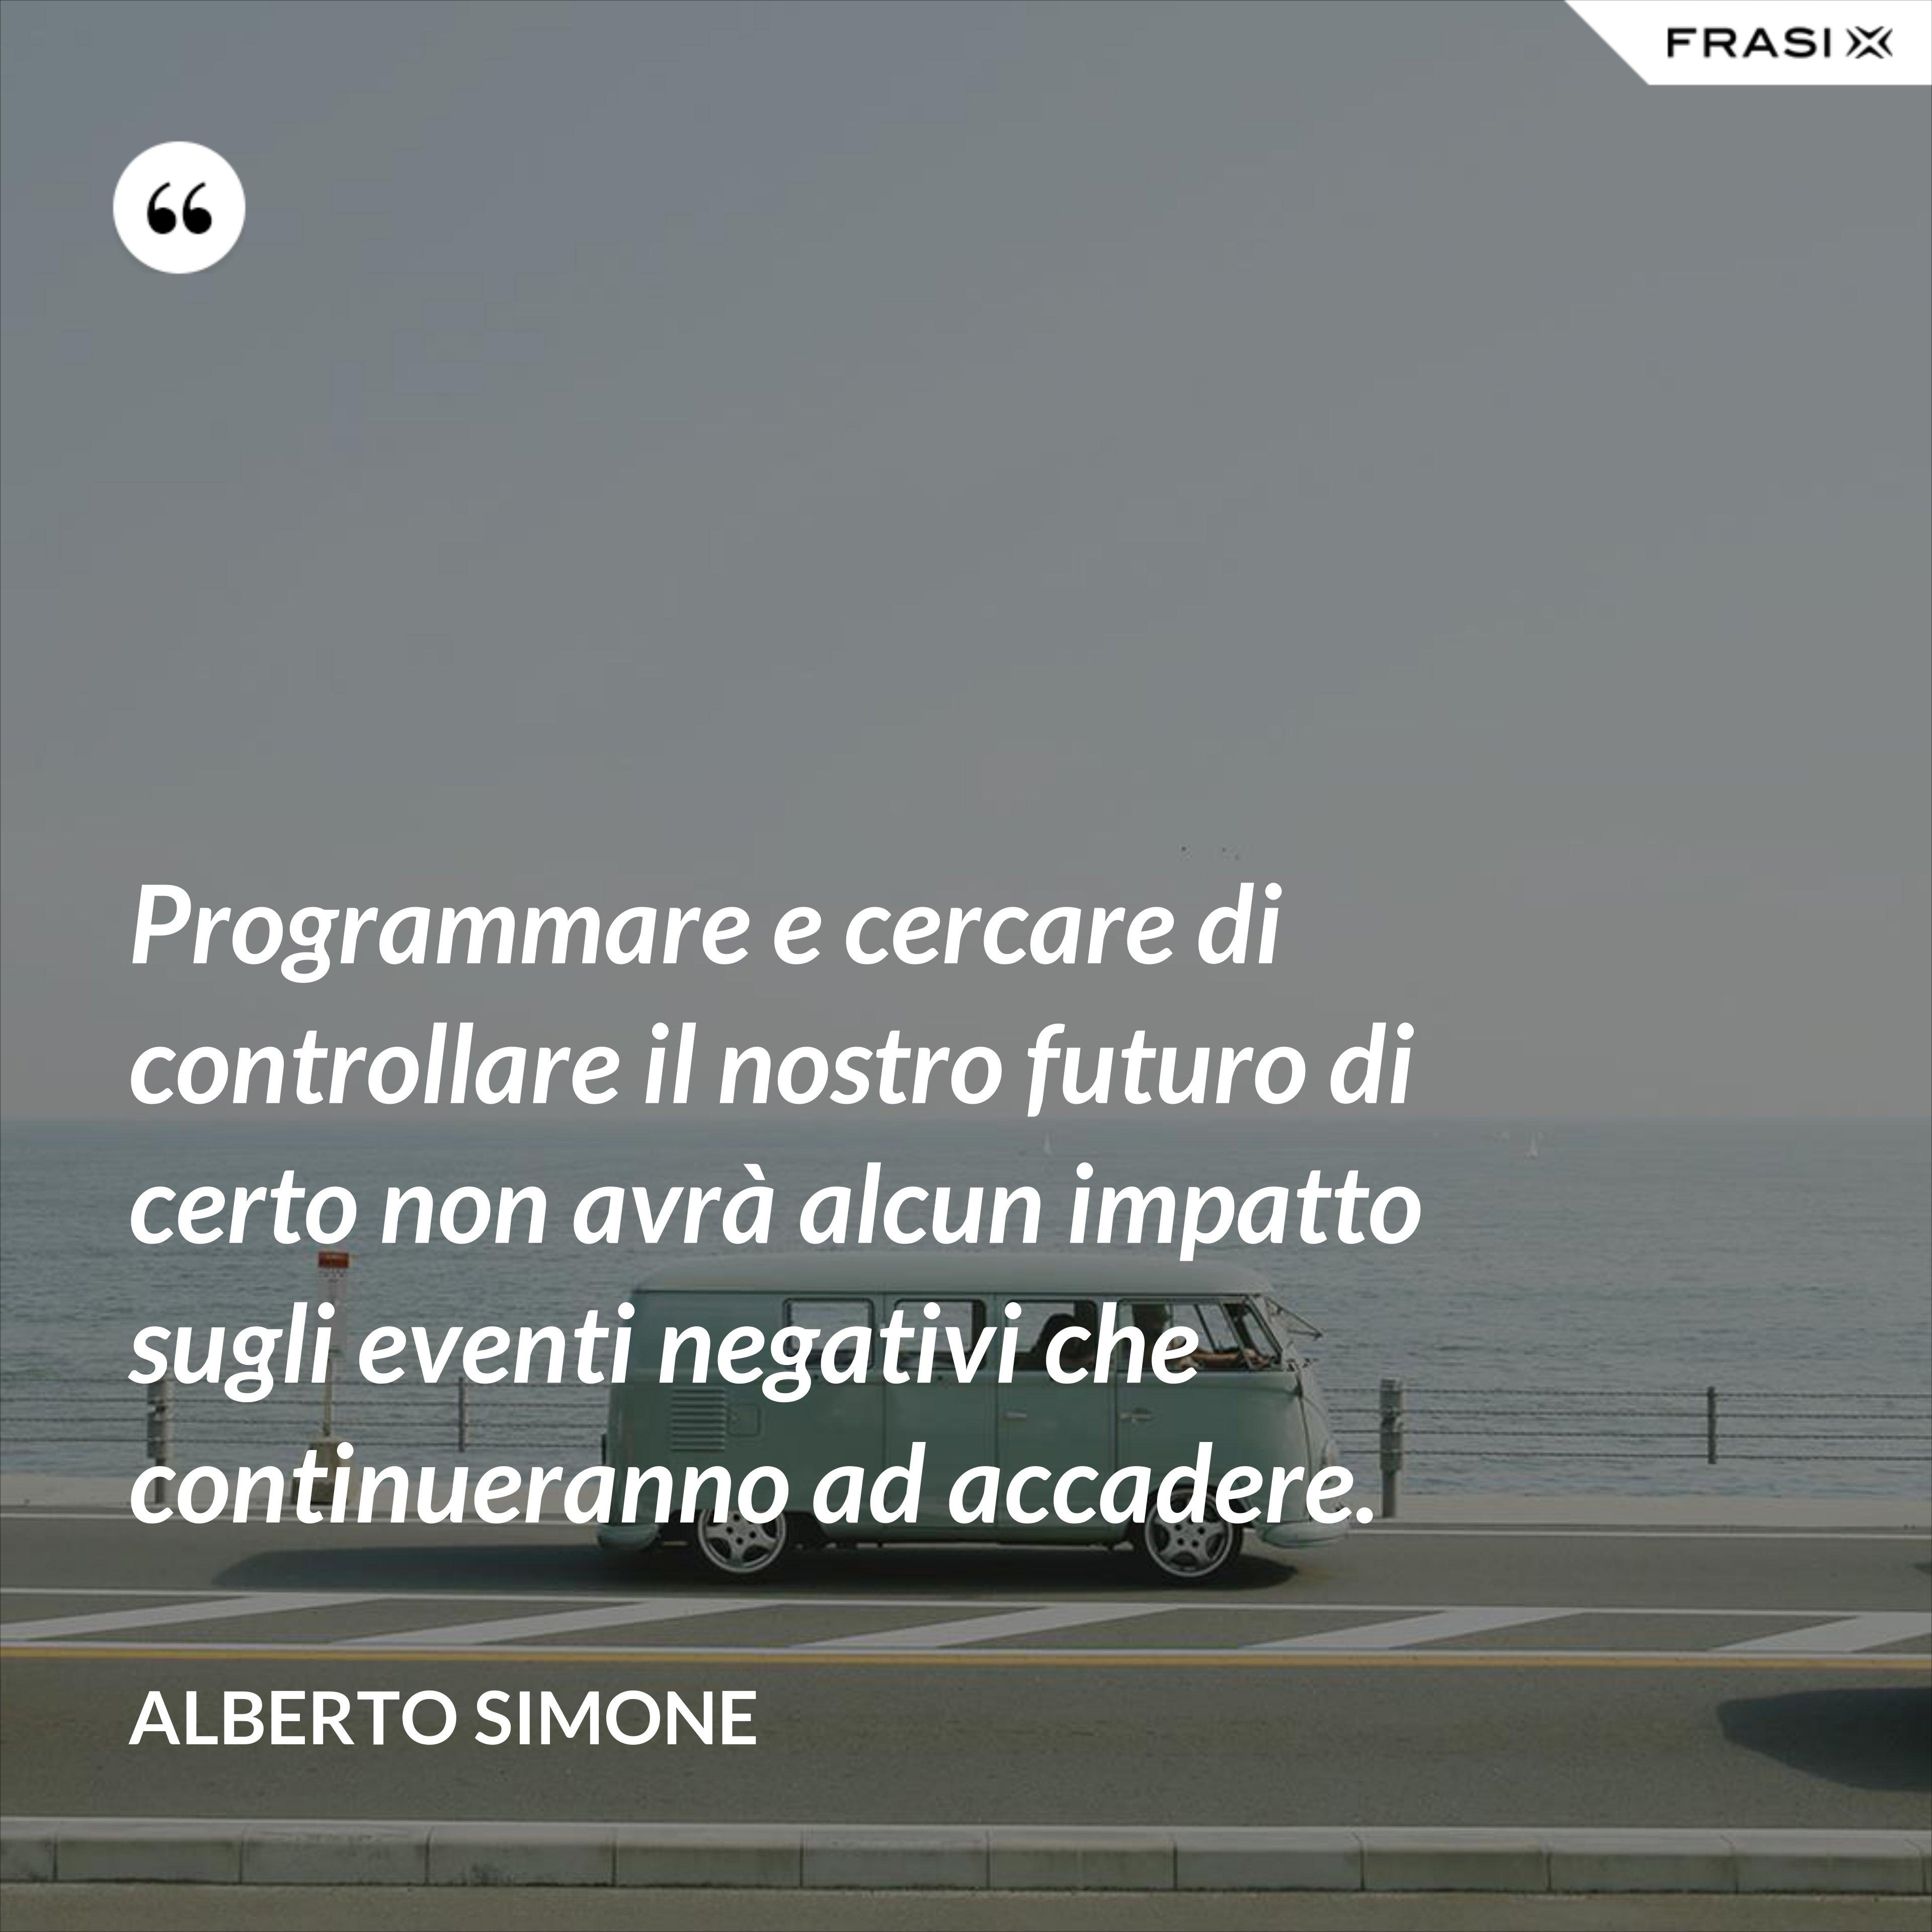 Programmare e cercare di controllare il nostro futuro di certo non avrà alcun impatto sugli eventi negativi che continueranno ad accadere. - Alberto Simone